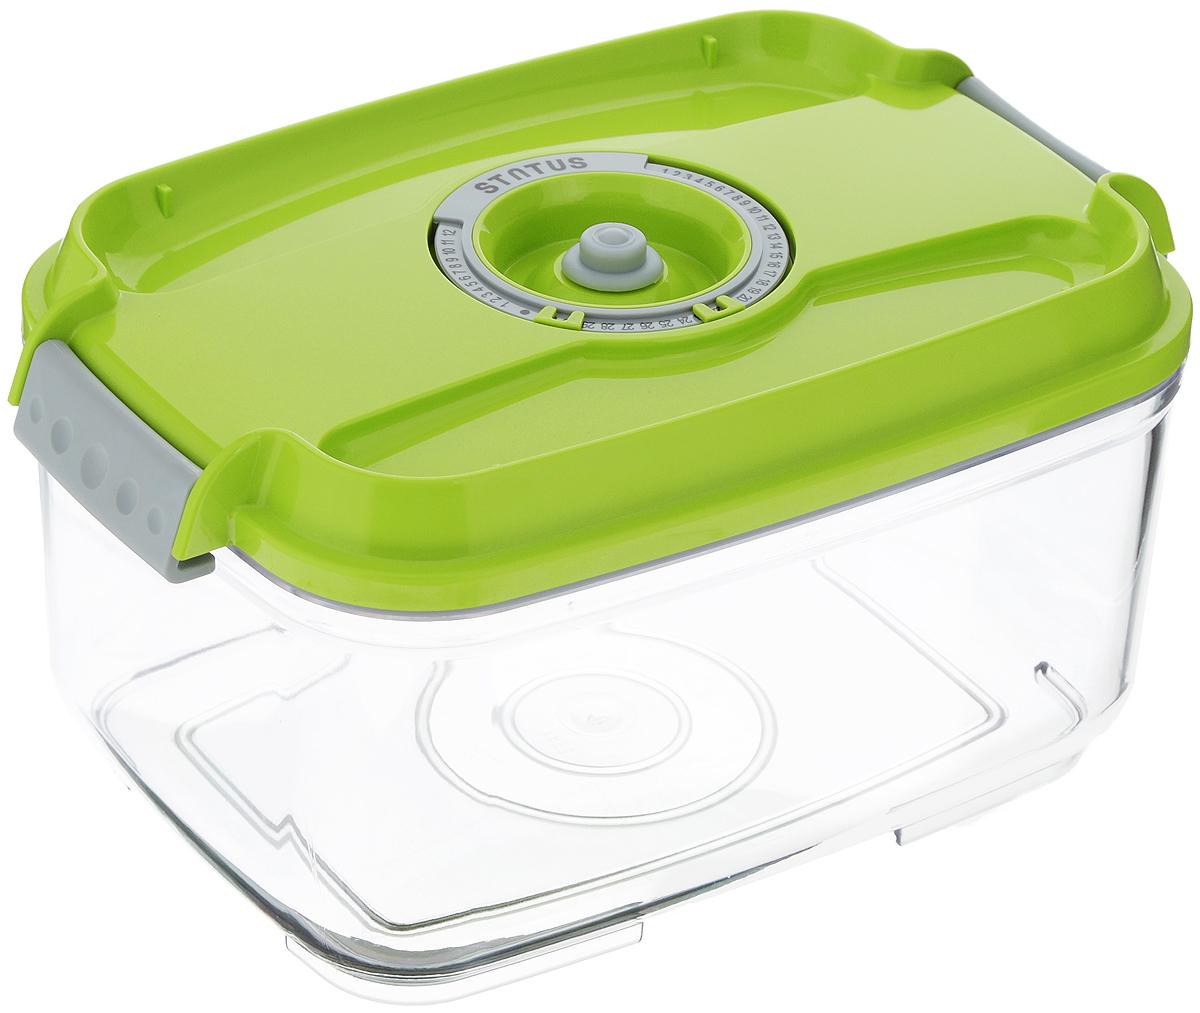 Фото - Контейнер вакуумный Status, с индикатором даты срока хранения, прозрачный, зеленый, 2 л контейнер вакуумный status цвет прозрачный зеленый 4 5 л